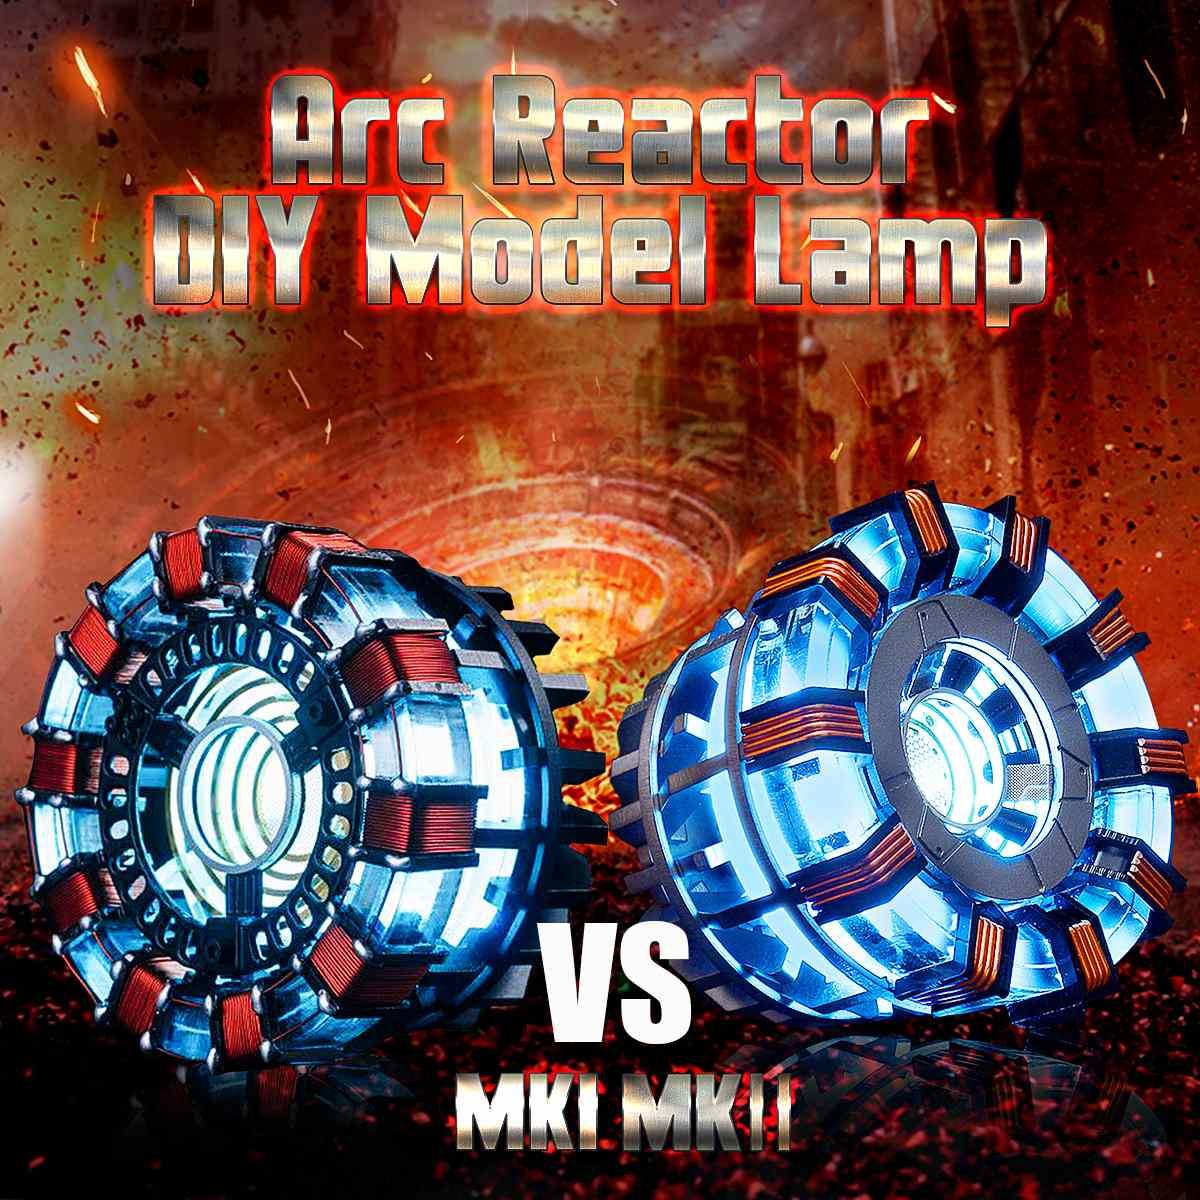 1:1 Arc réacteur MK1/MK2 bricolage modèle lumière LED marque deux télécommande lumière Arc bricolage pièces modèle assemblé jouets coffre lampe acrylique